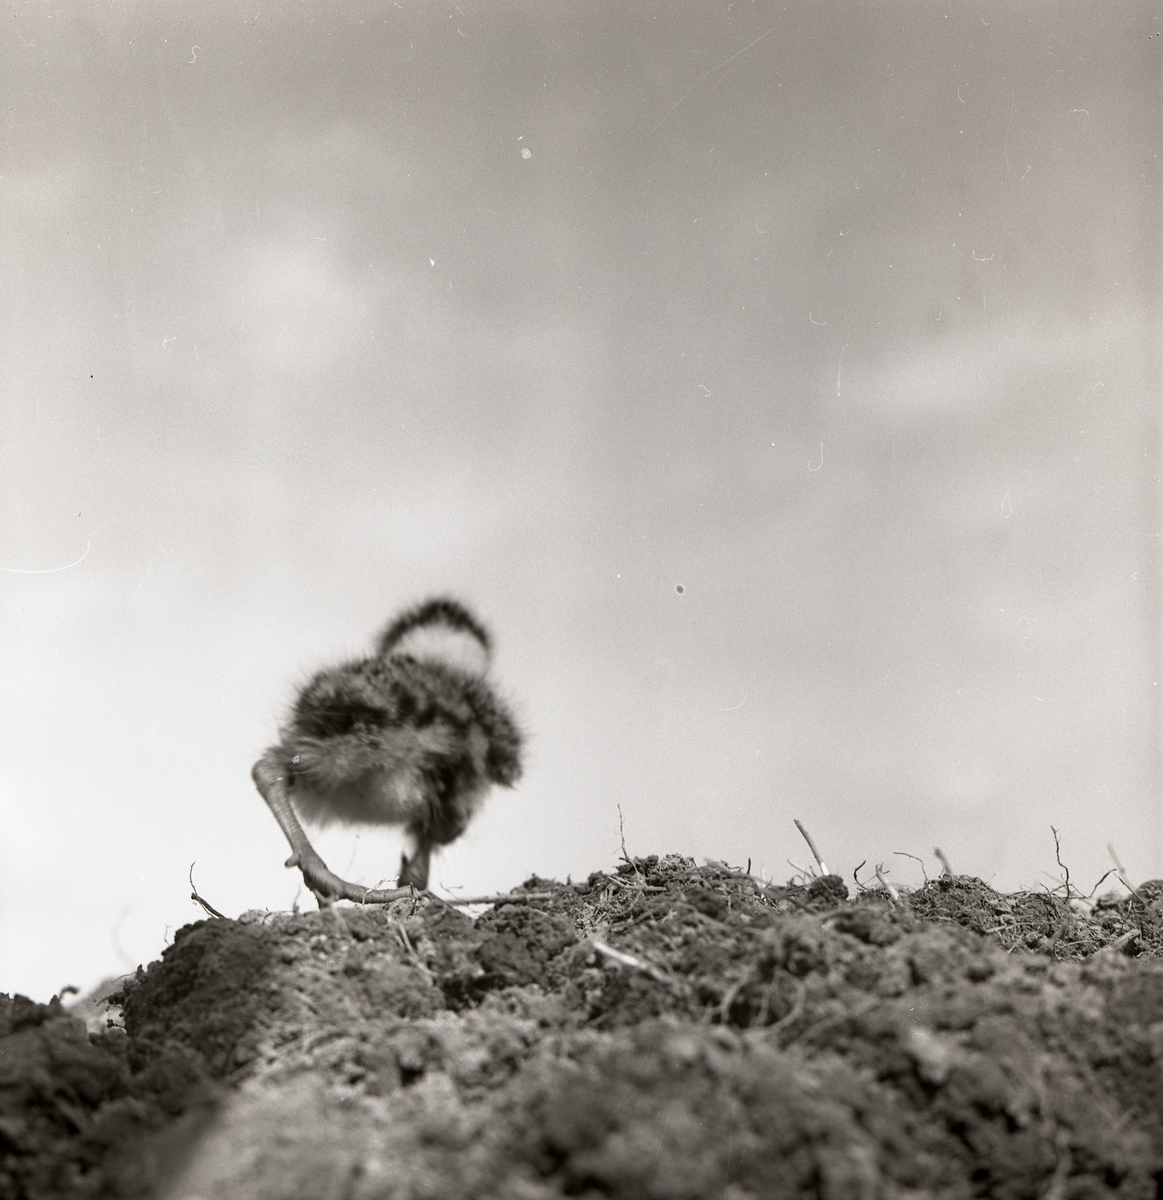 En tofsvipeunge vid Broddens, maj 1961.